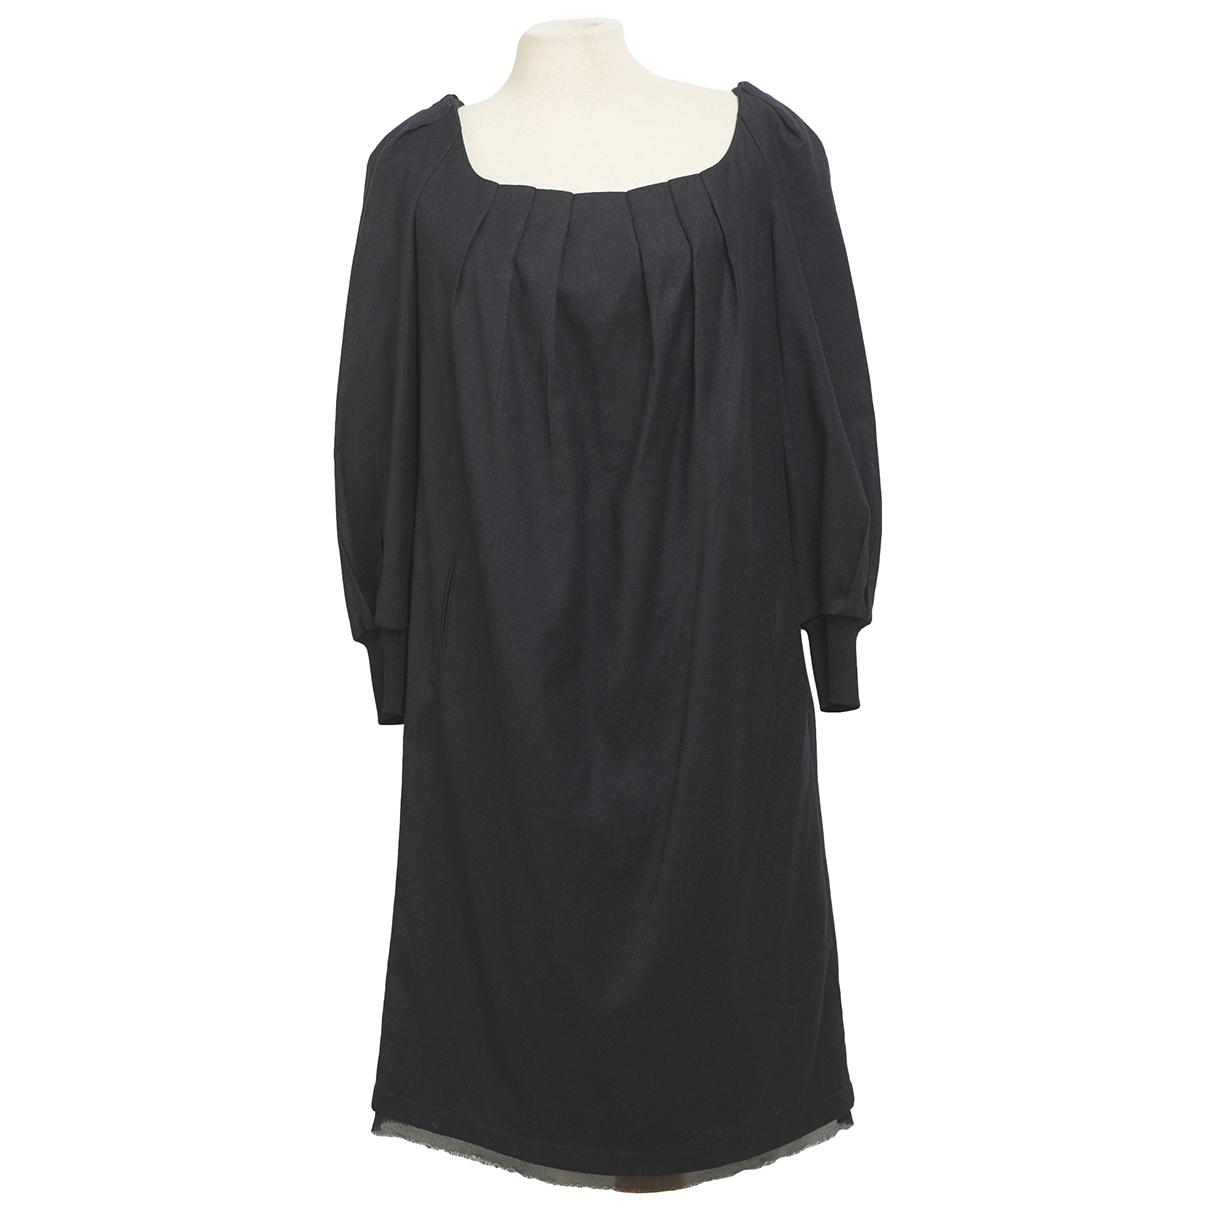 Costume National \N Kleid in  Schwarz Wolle